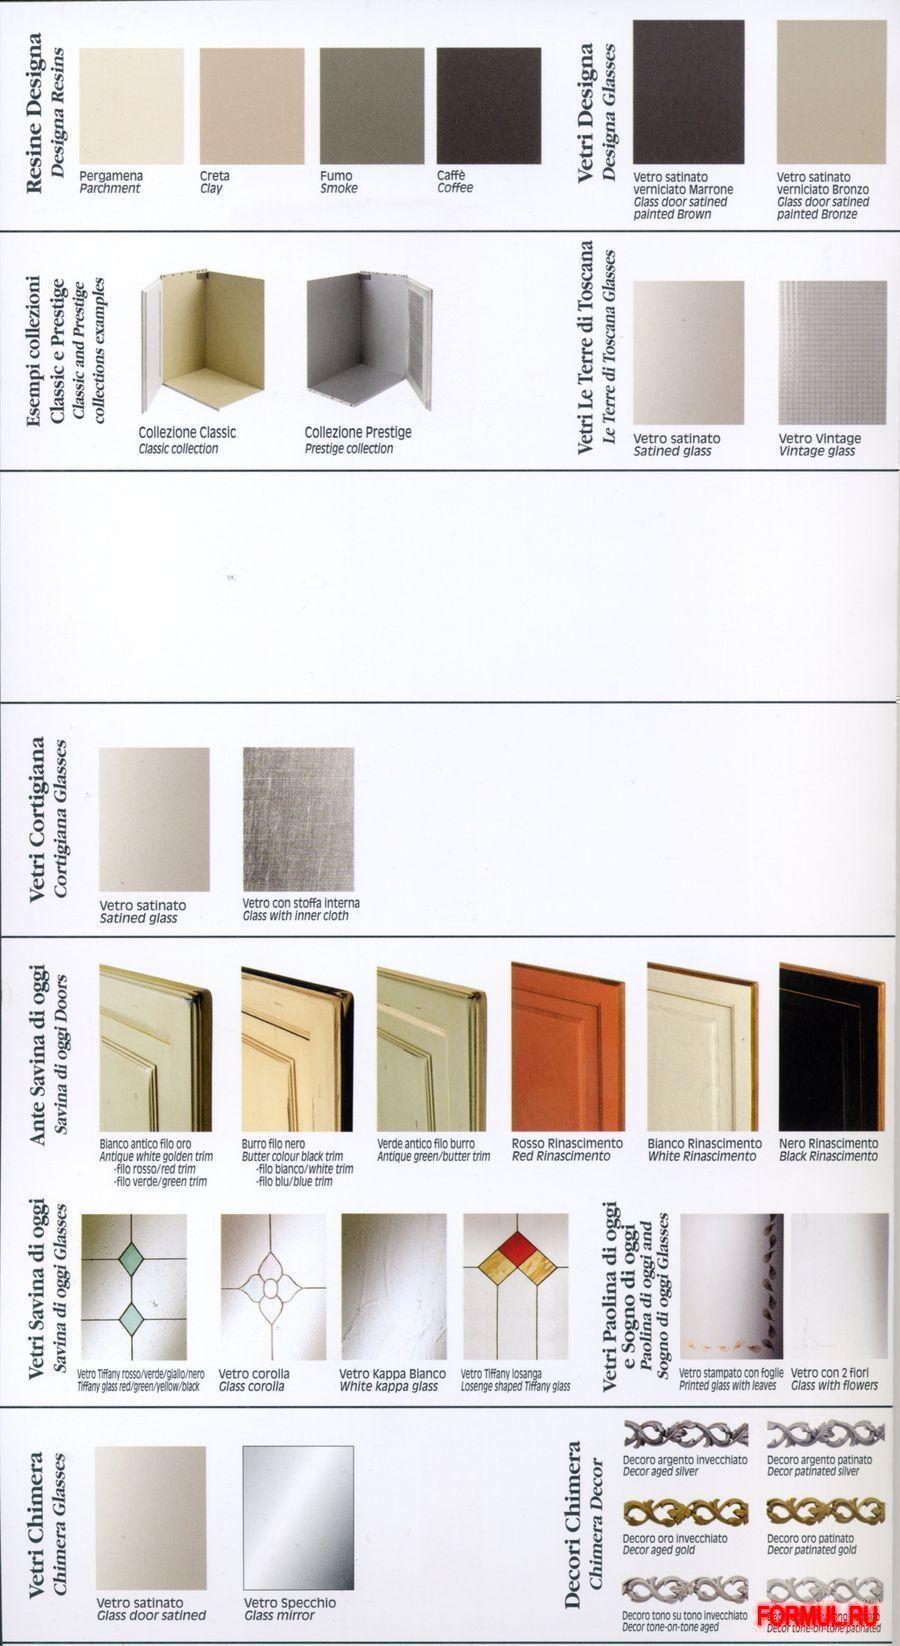 Кухня Zappalorto Designa Bianco